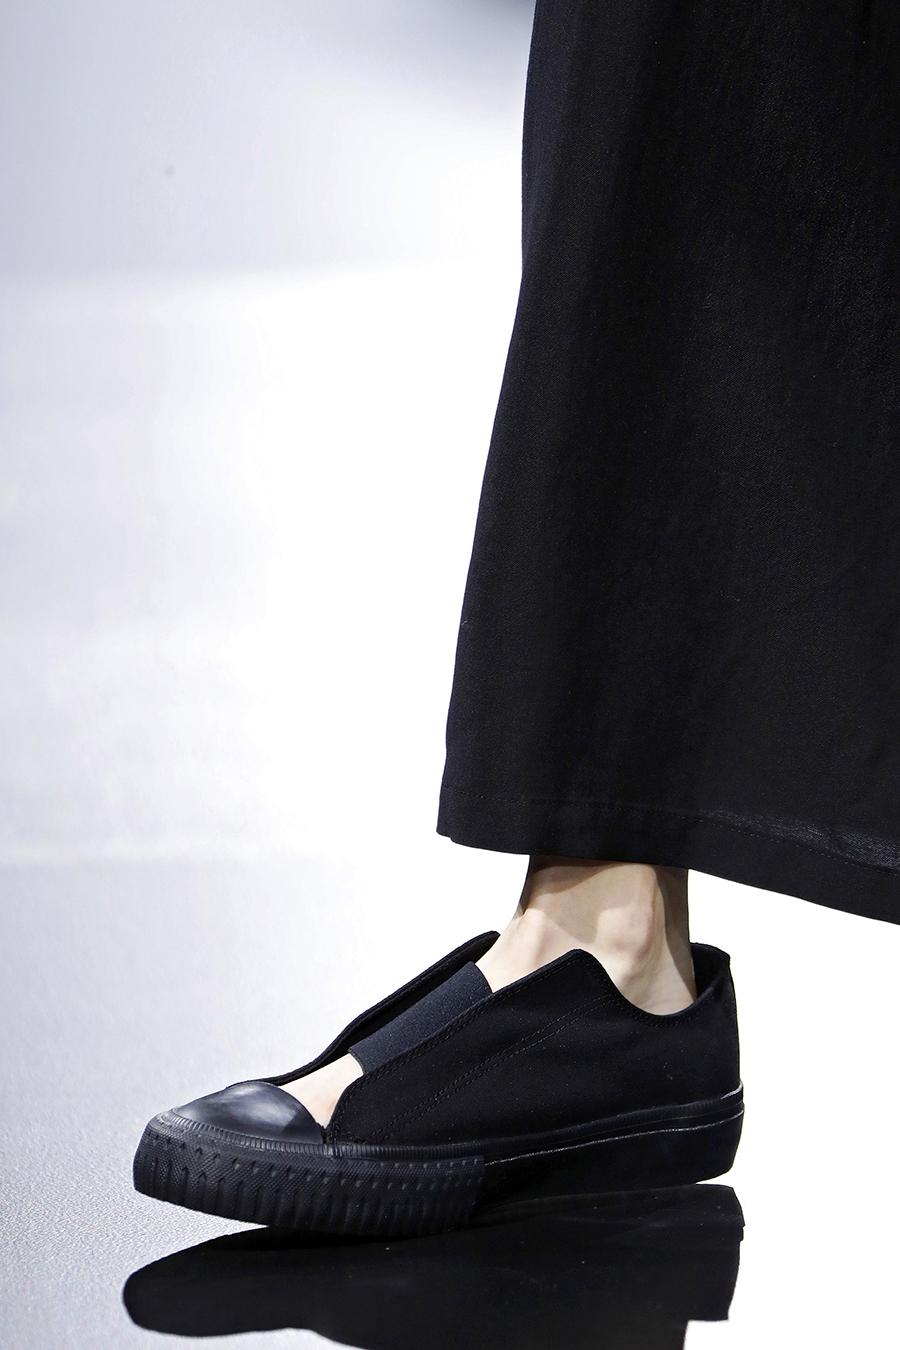 самые модные кроссовки кеды спортивные сандалии женские обувь лето 2021